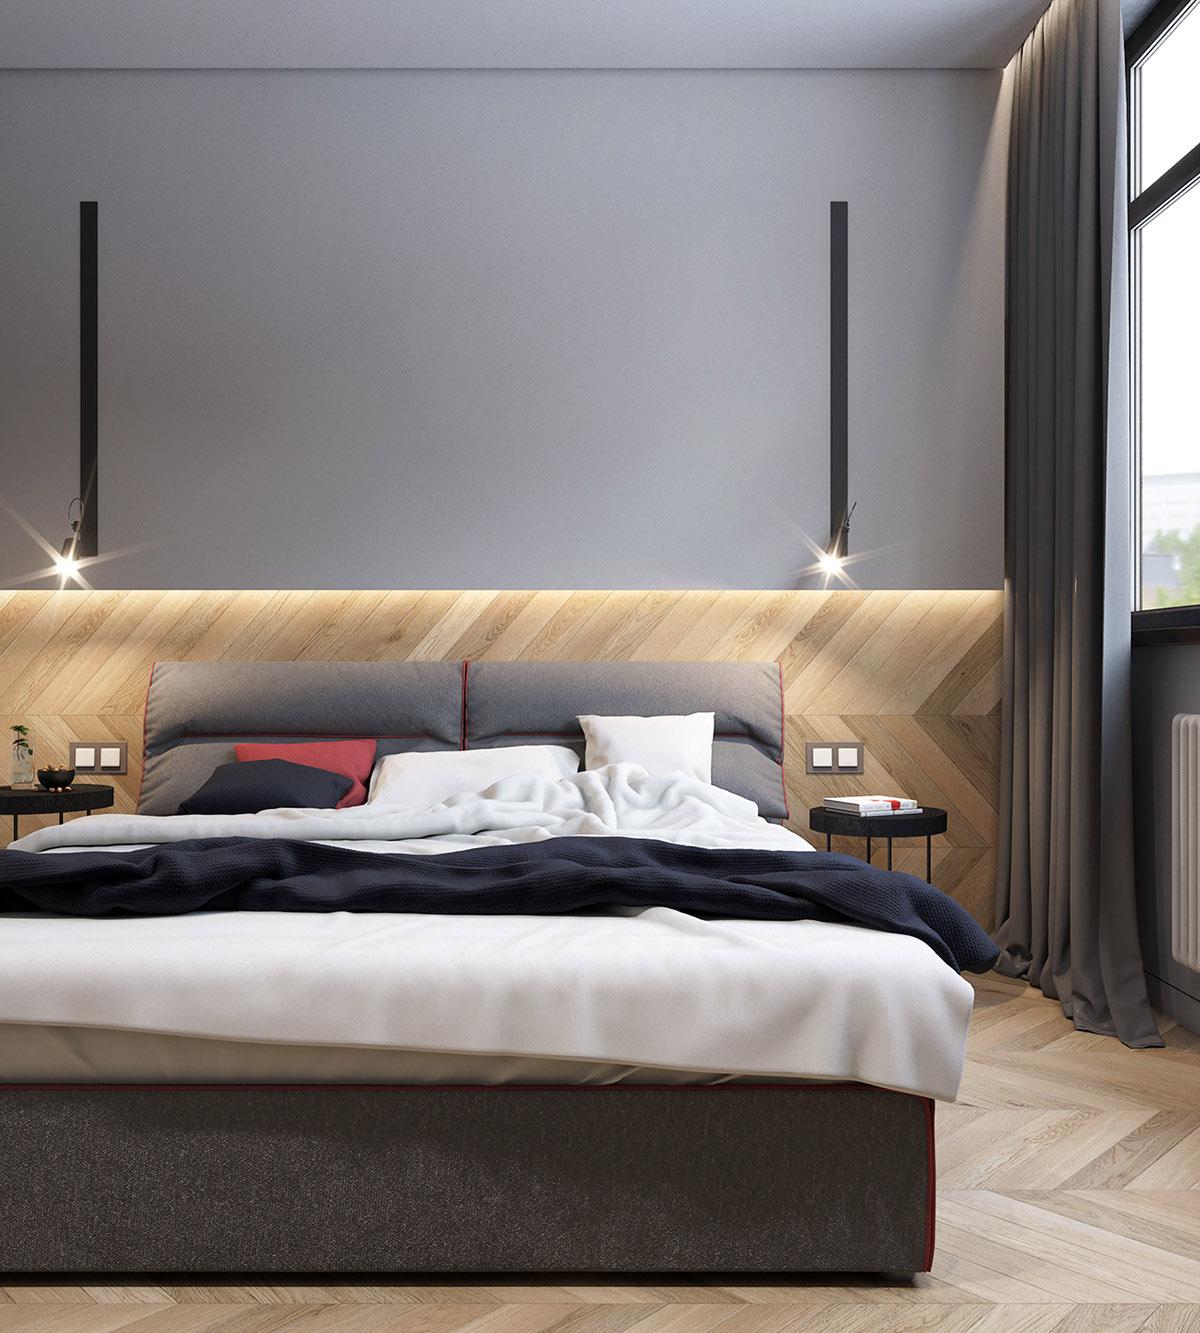 Bedroom-lamps